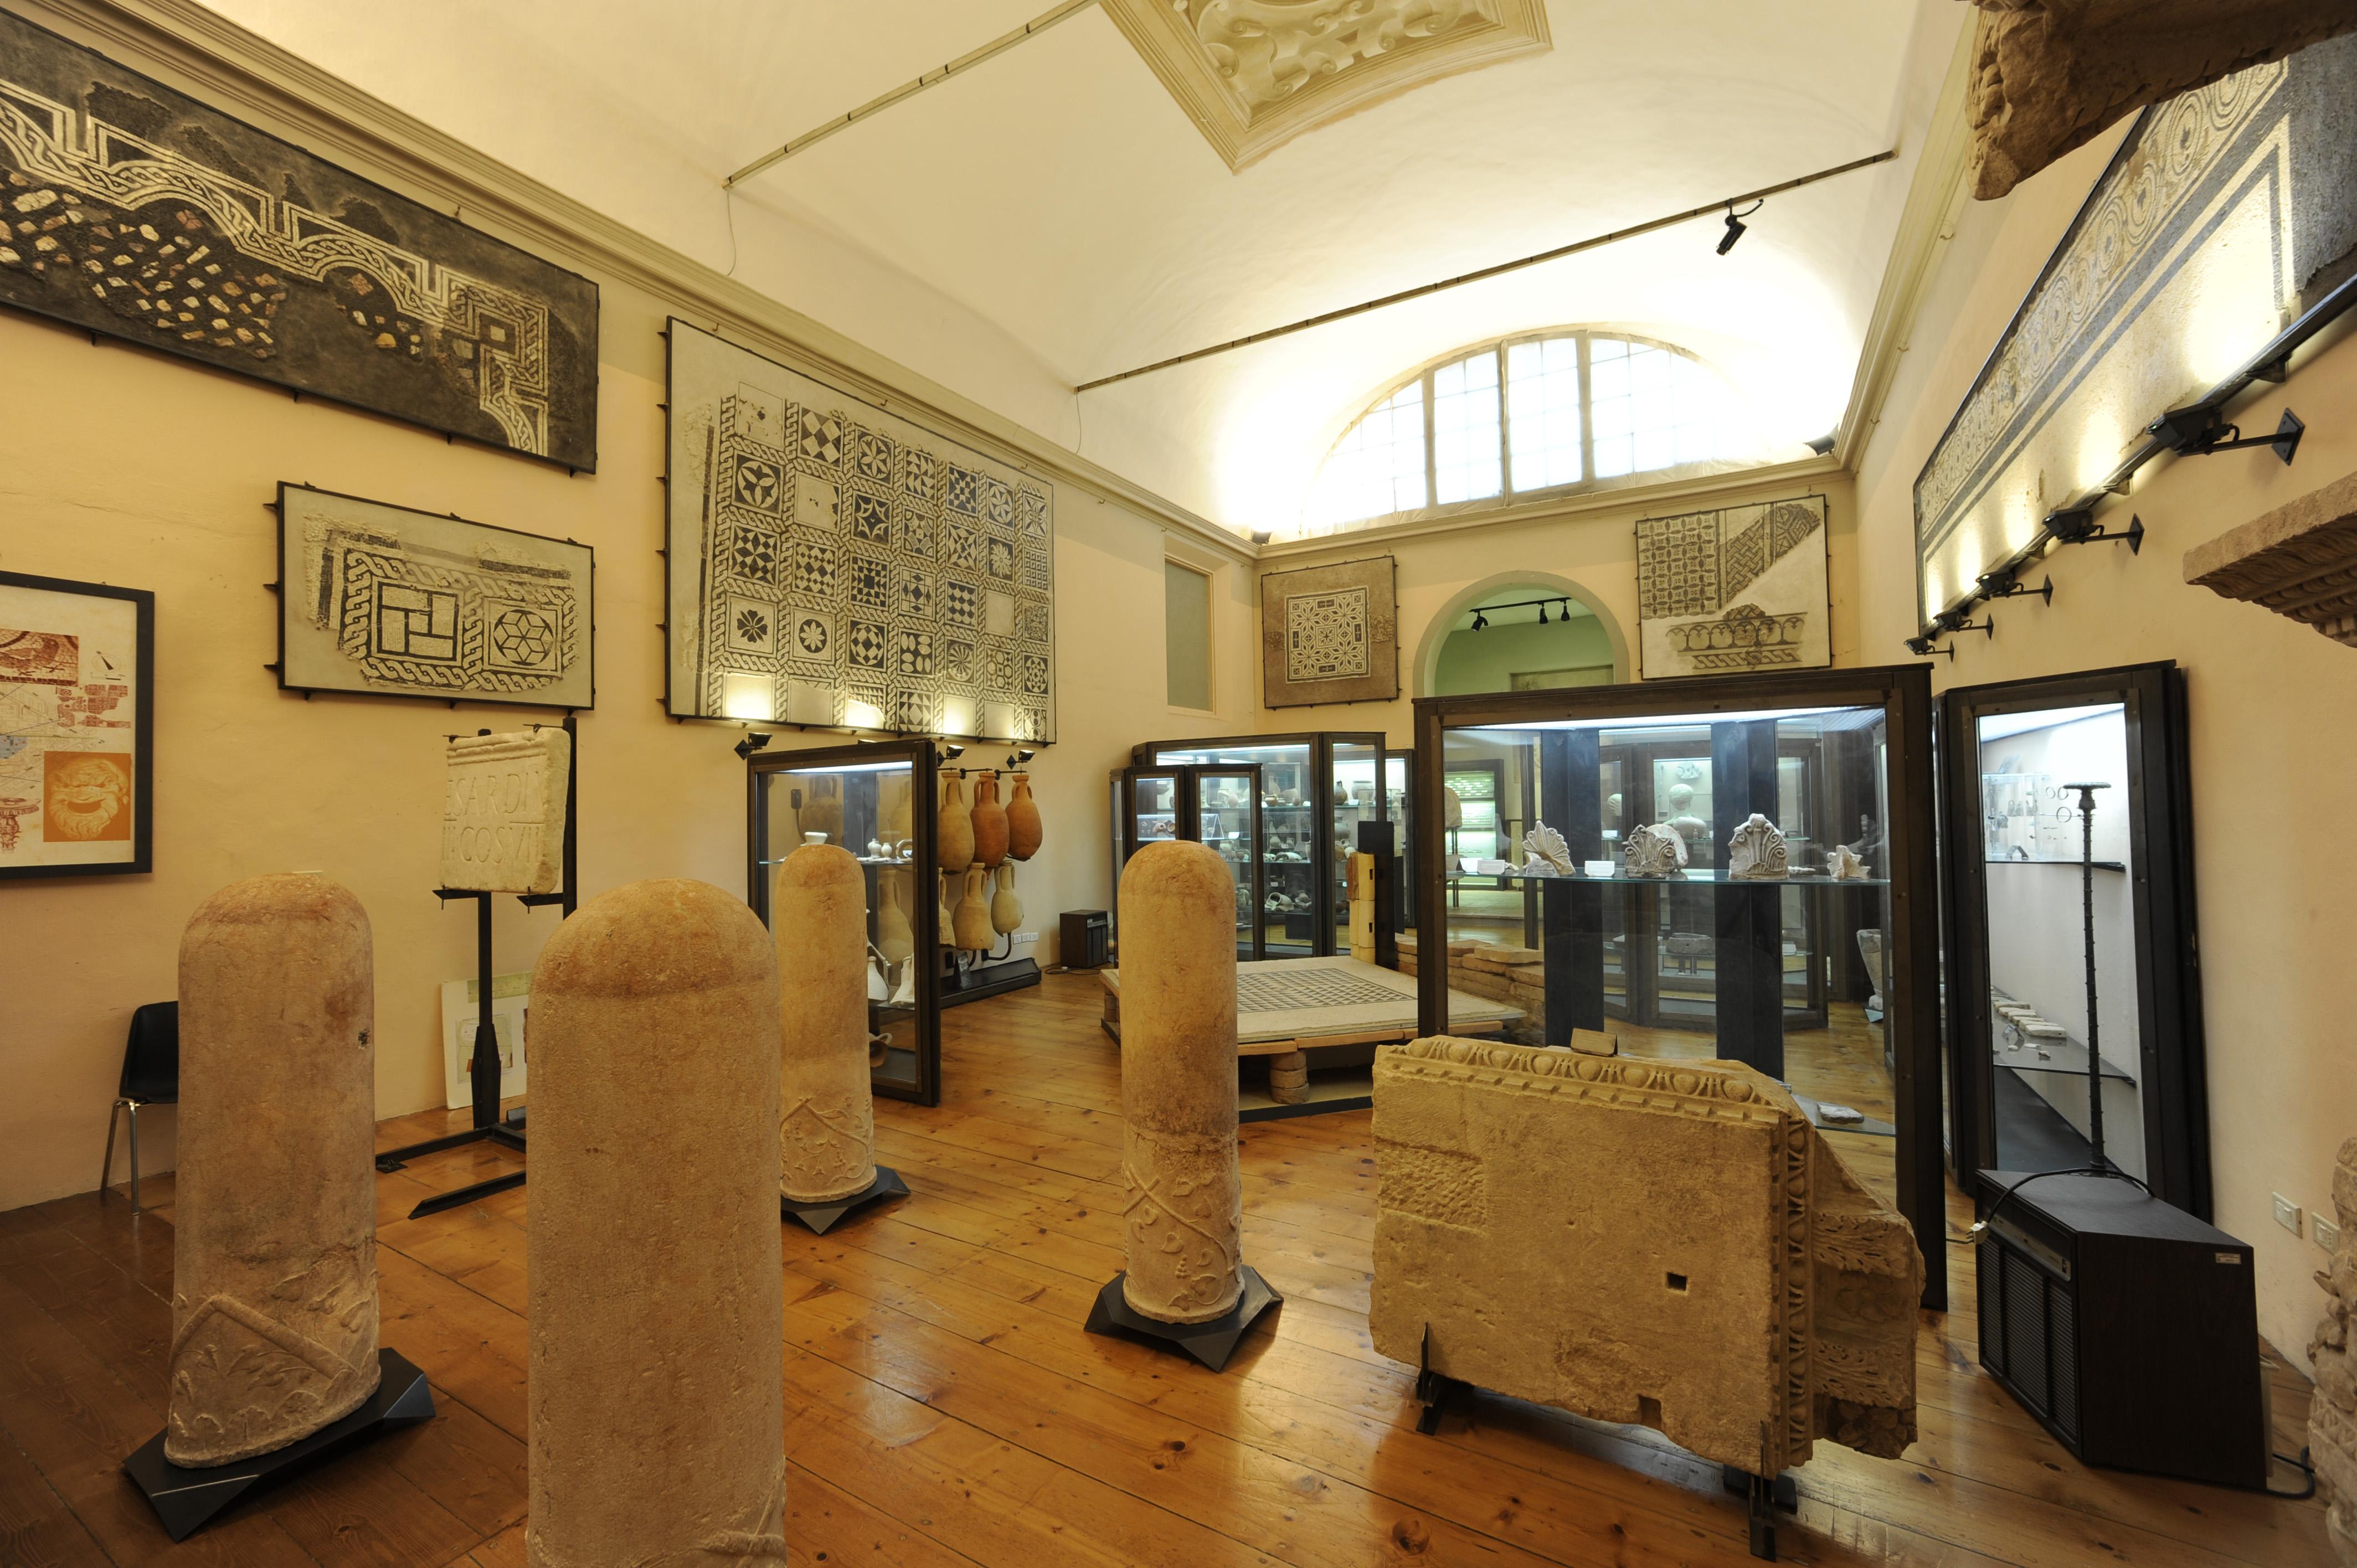 Musei civici, Reggio Emilia